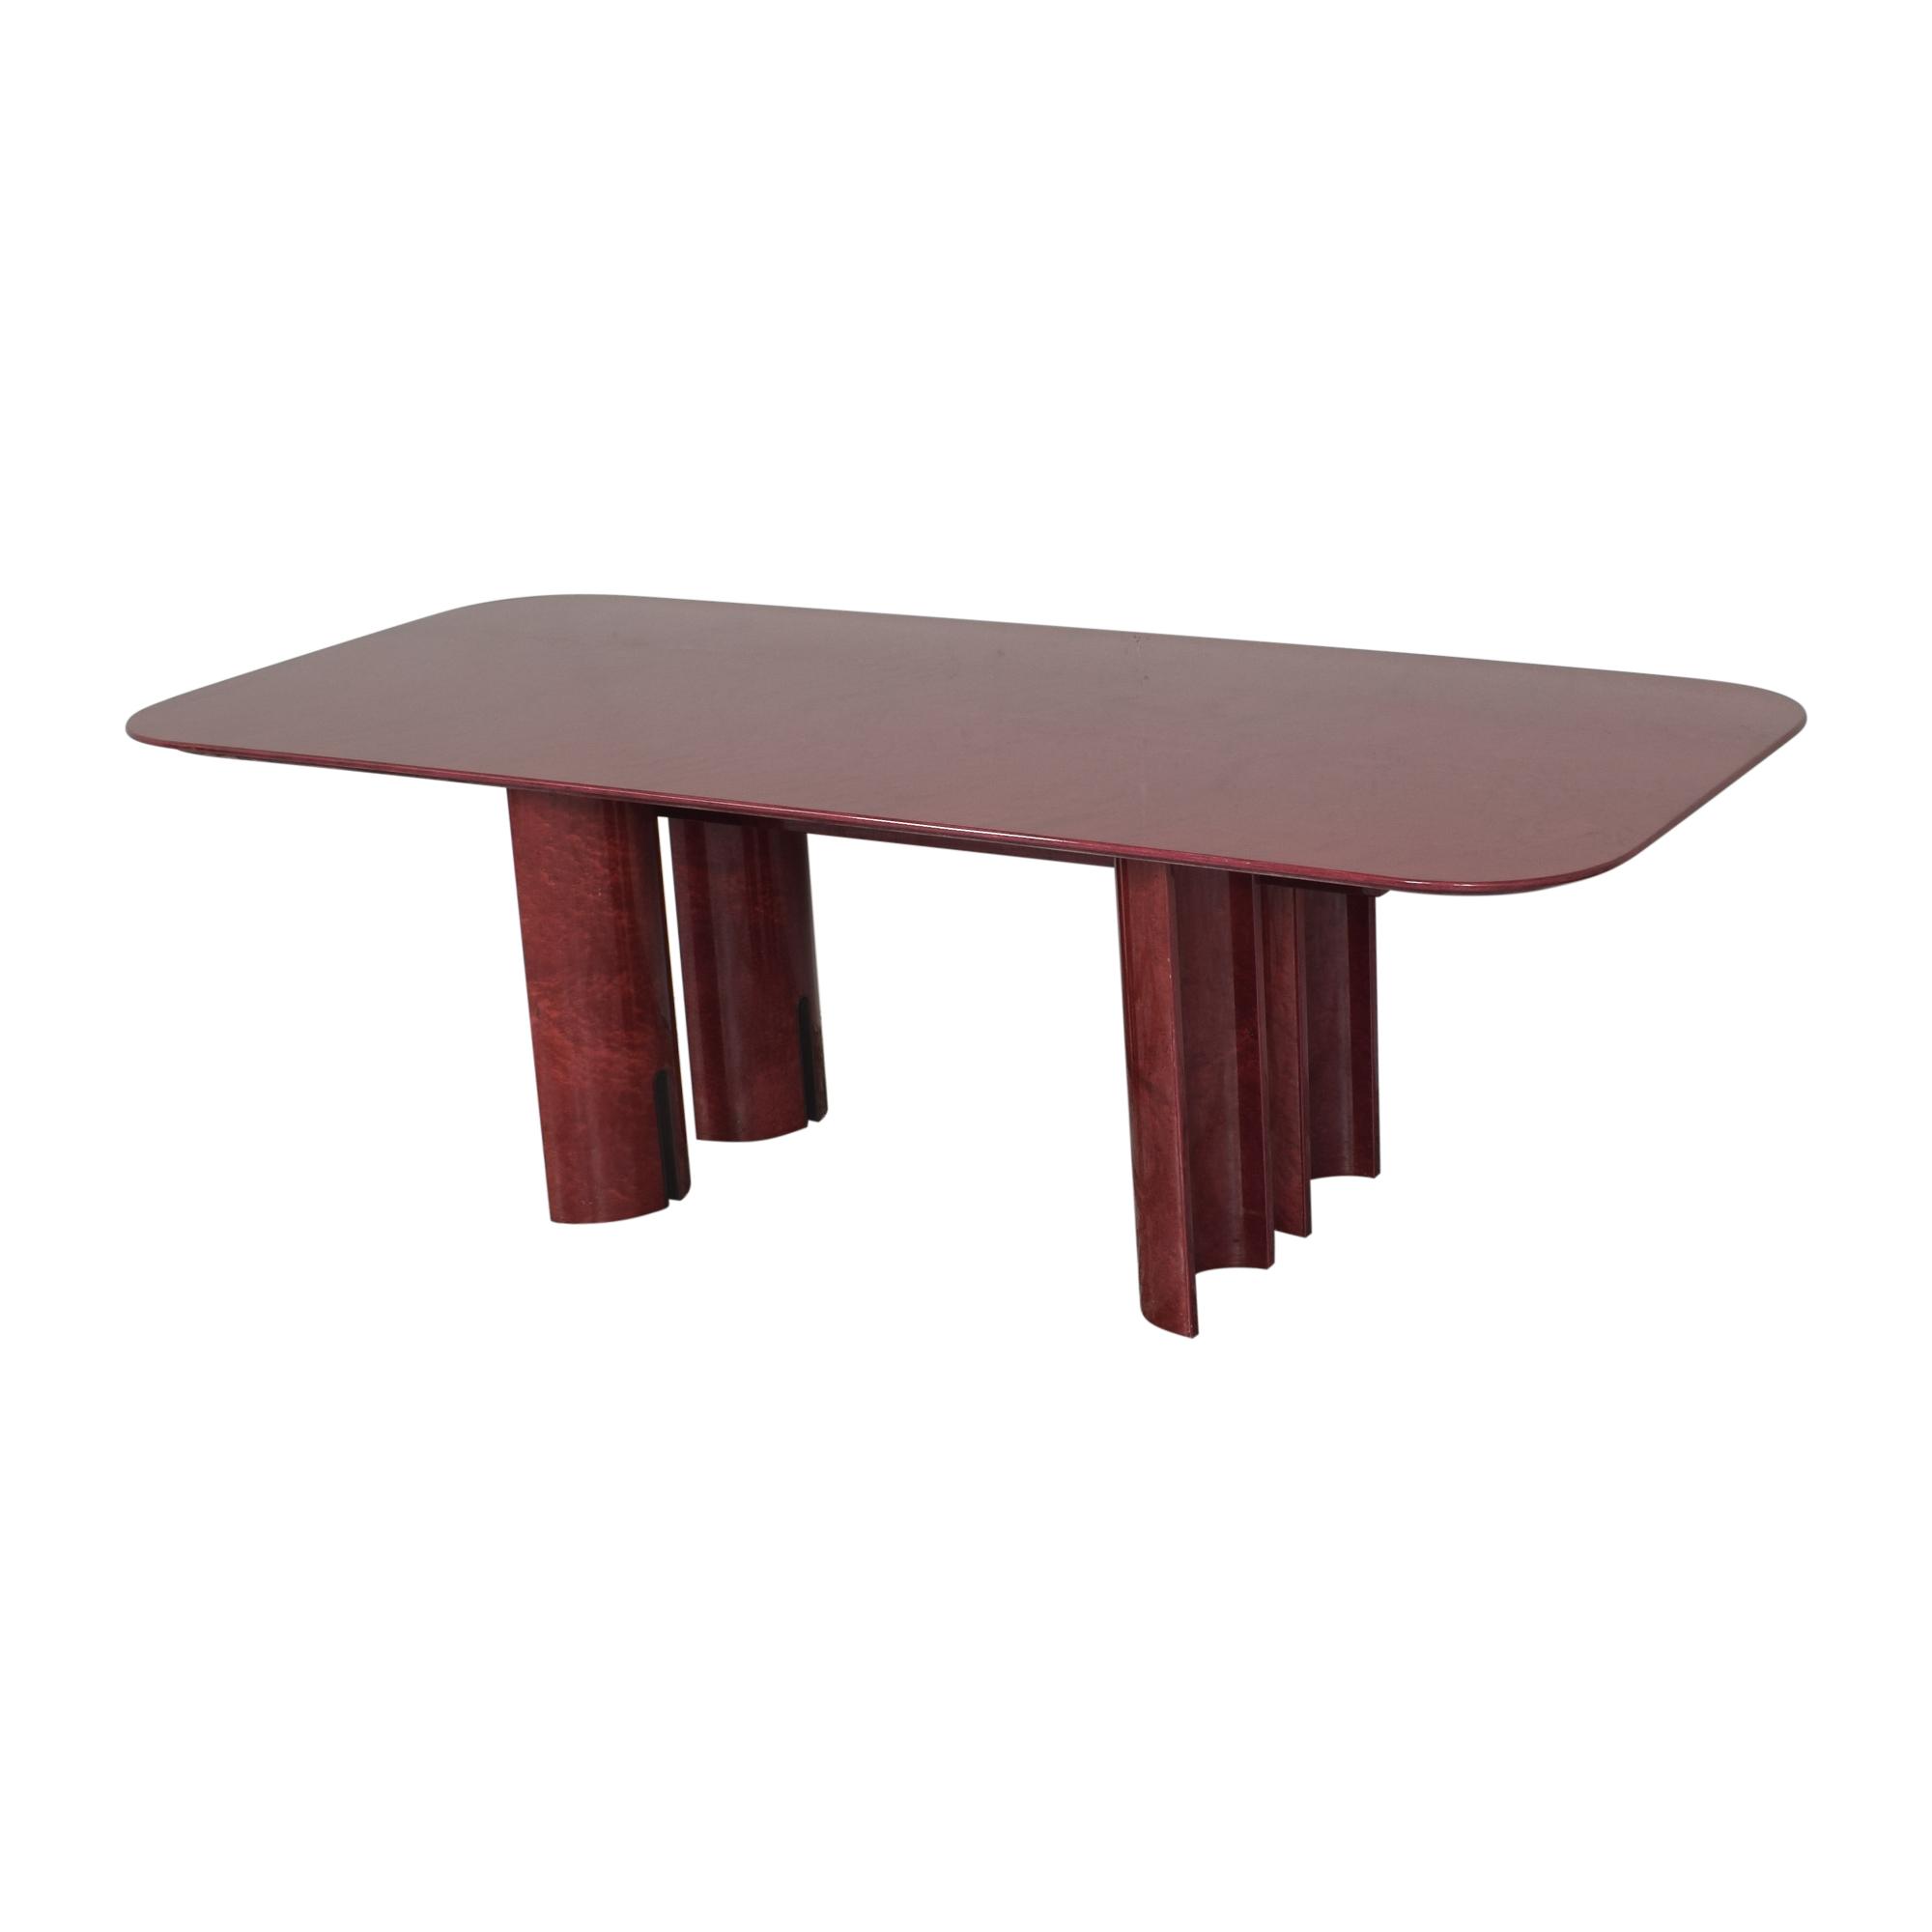 Saporiti Saporiti Dining Table price